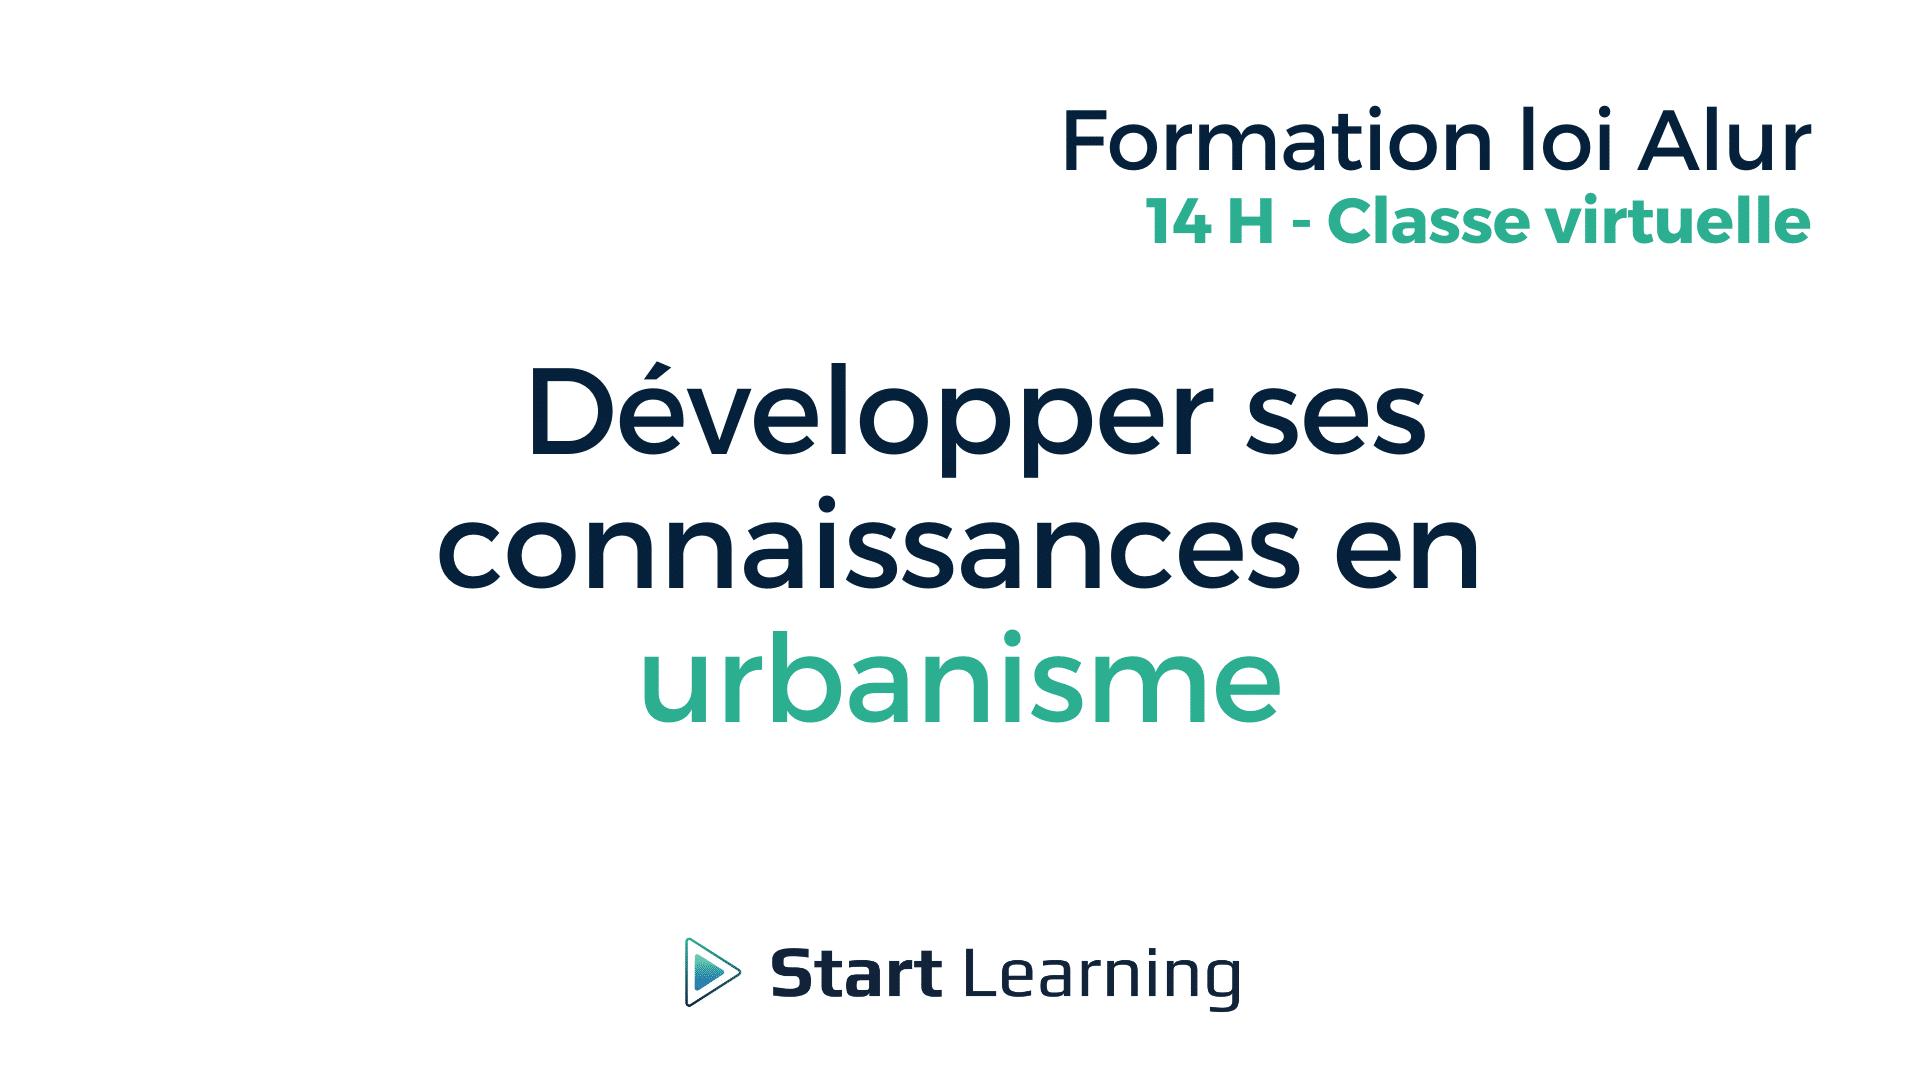 Formation loi Alur en classe virtuelle - Développer ses connaissances en urbanisme